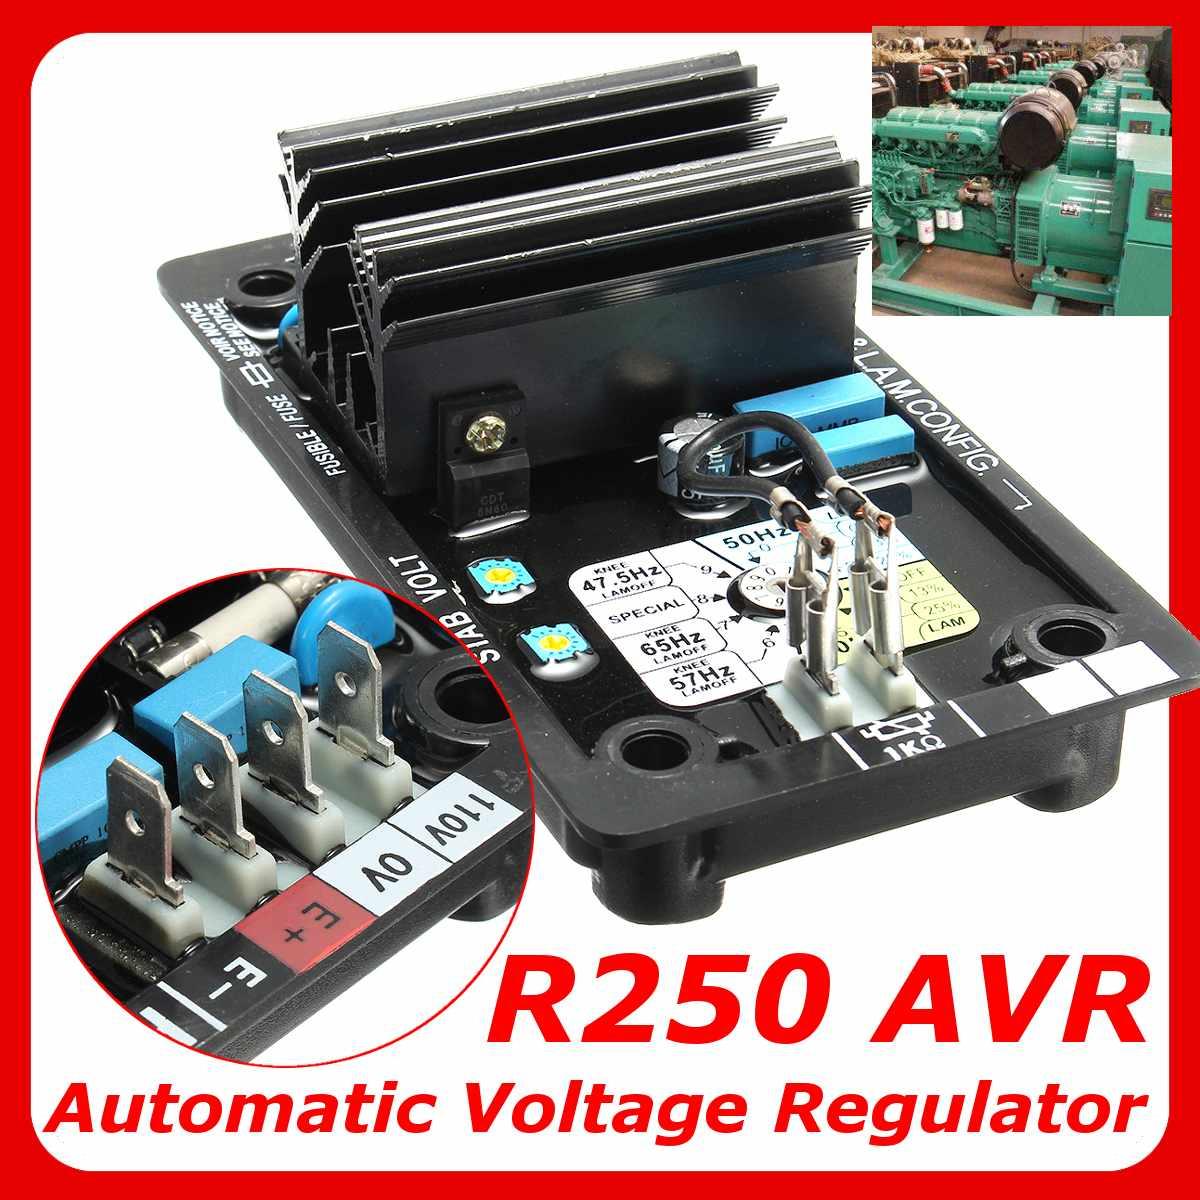 Régulateur de tension automatique pour Leroy Somer générateur régulateur de tension remplacement noir AVR R250